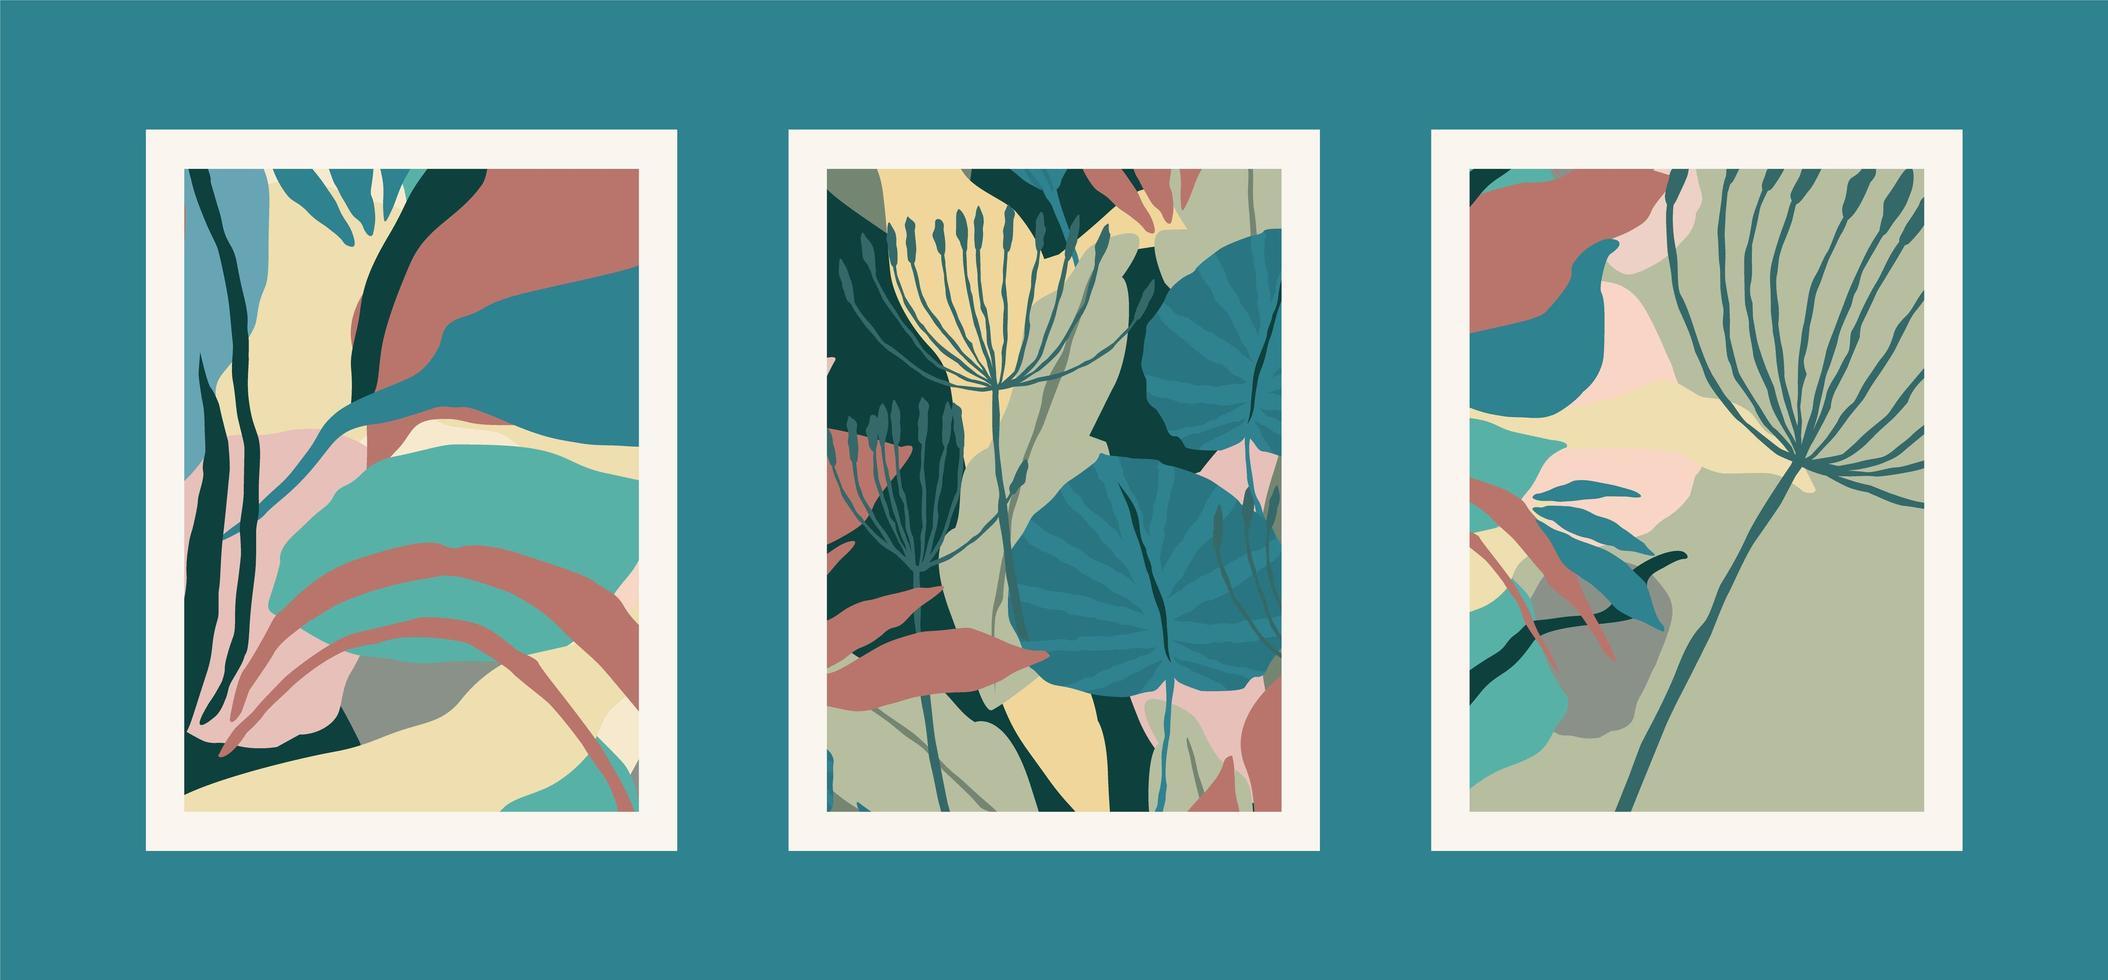 collezione di stampe d'arte con foglie astratte vettore